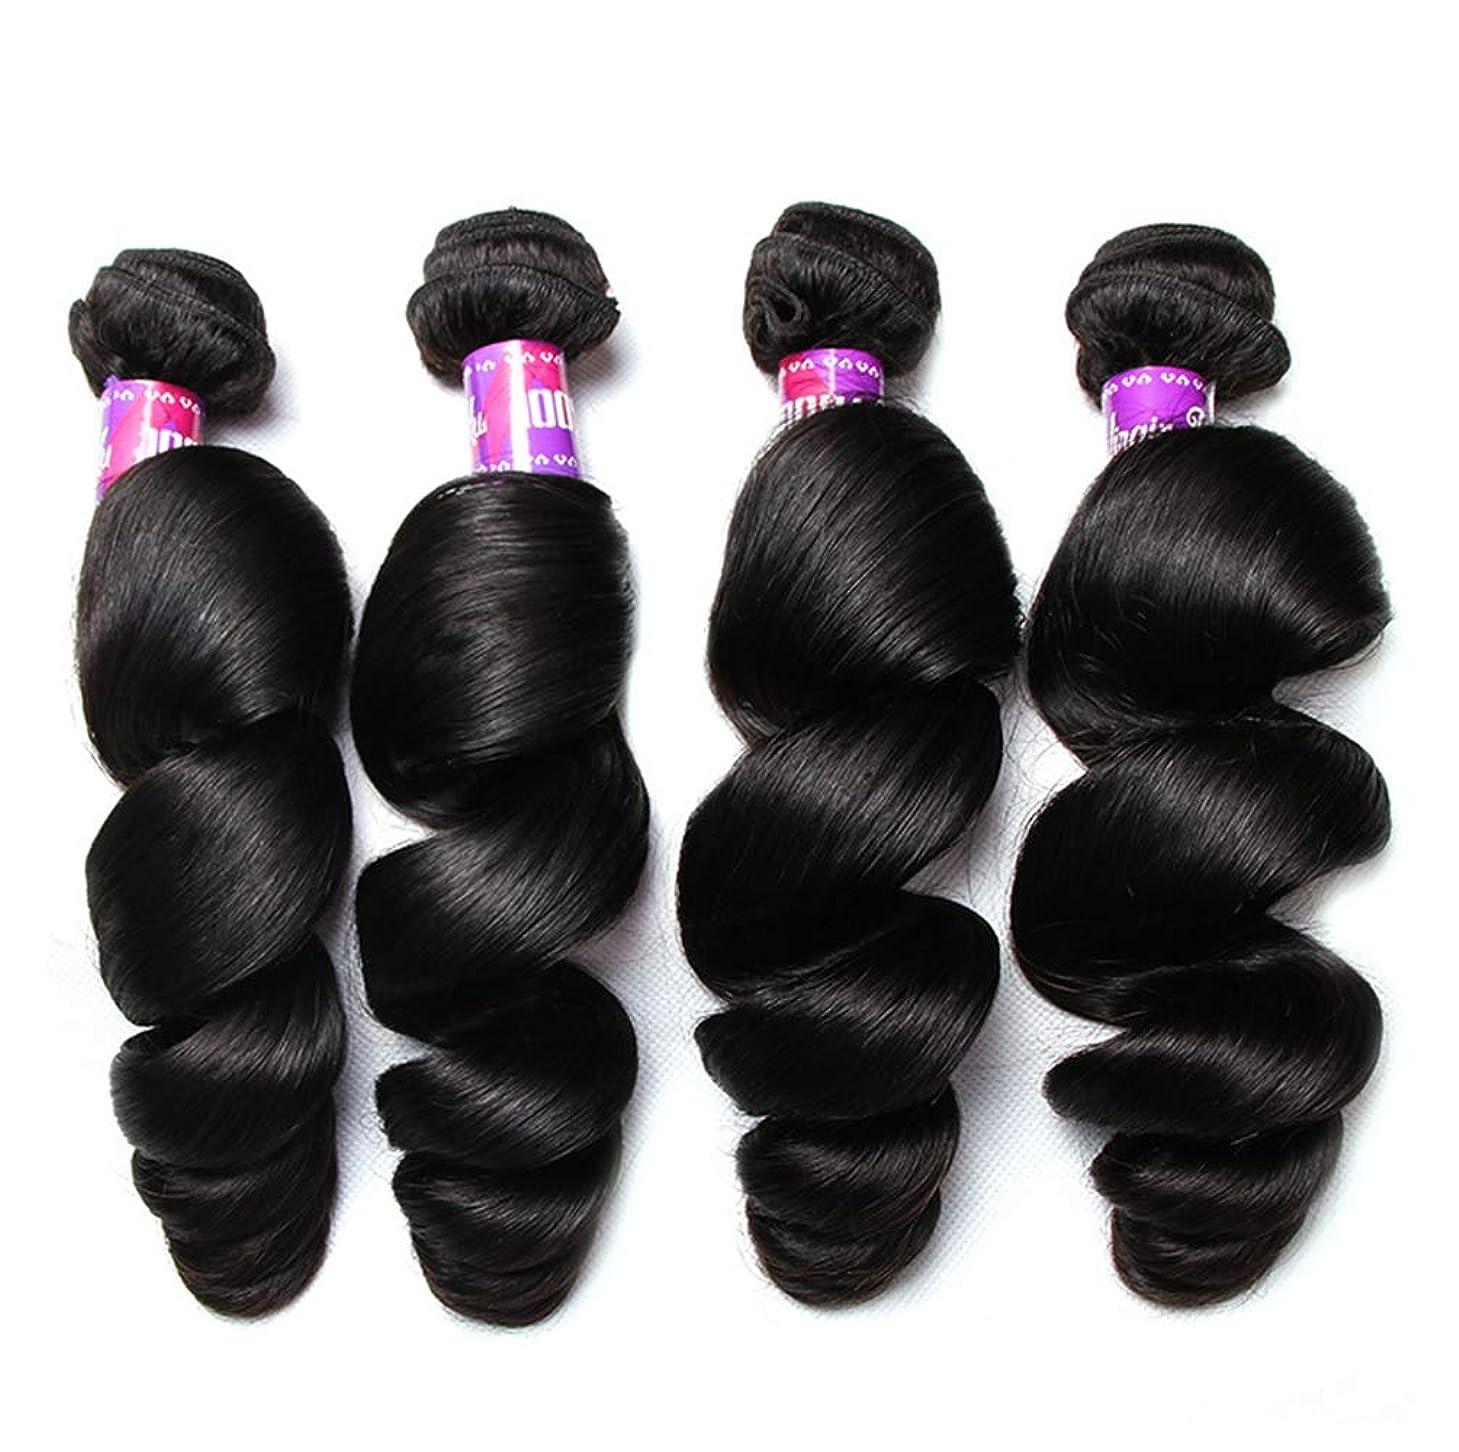 厚い邪魔岩ブラジルのボディーウェーブの毛の束8Aブラジルのボディーウェーブのバージンの毛100%未処理の二重よこ糸の人間の毛髪延長(3束)